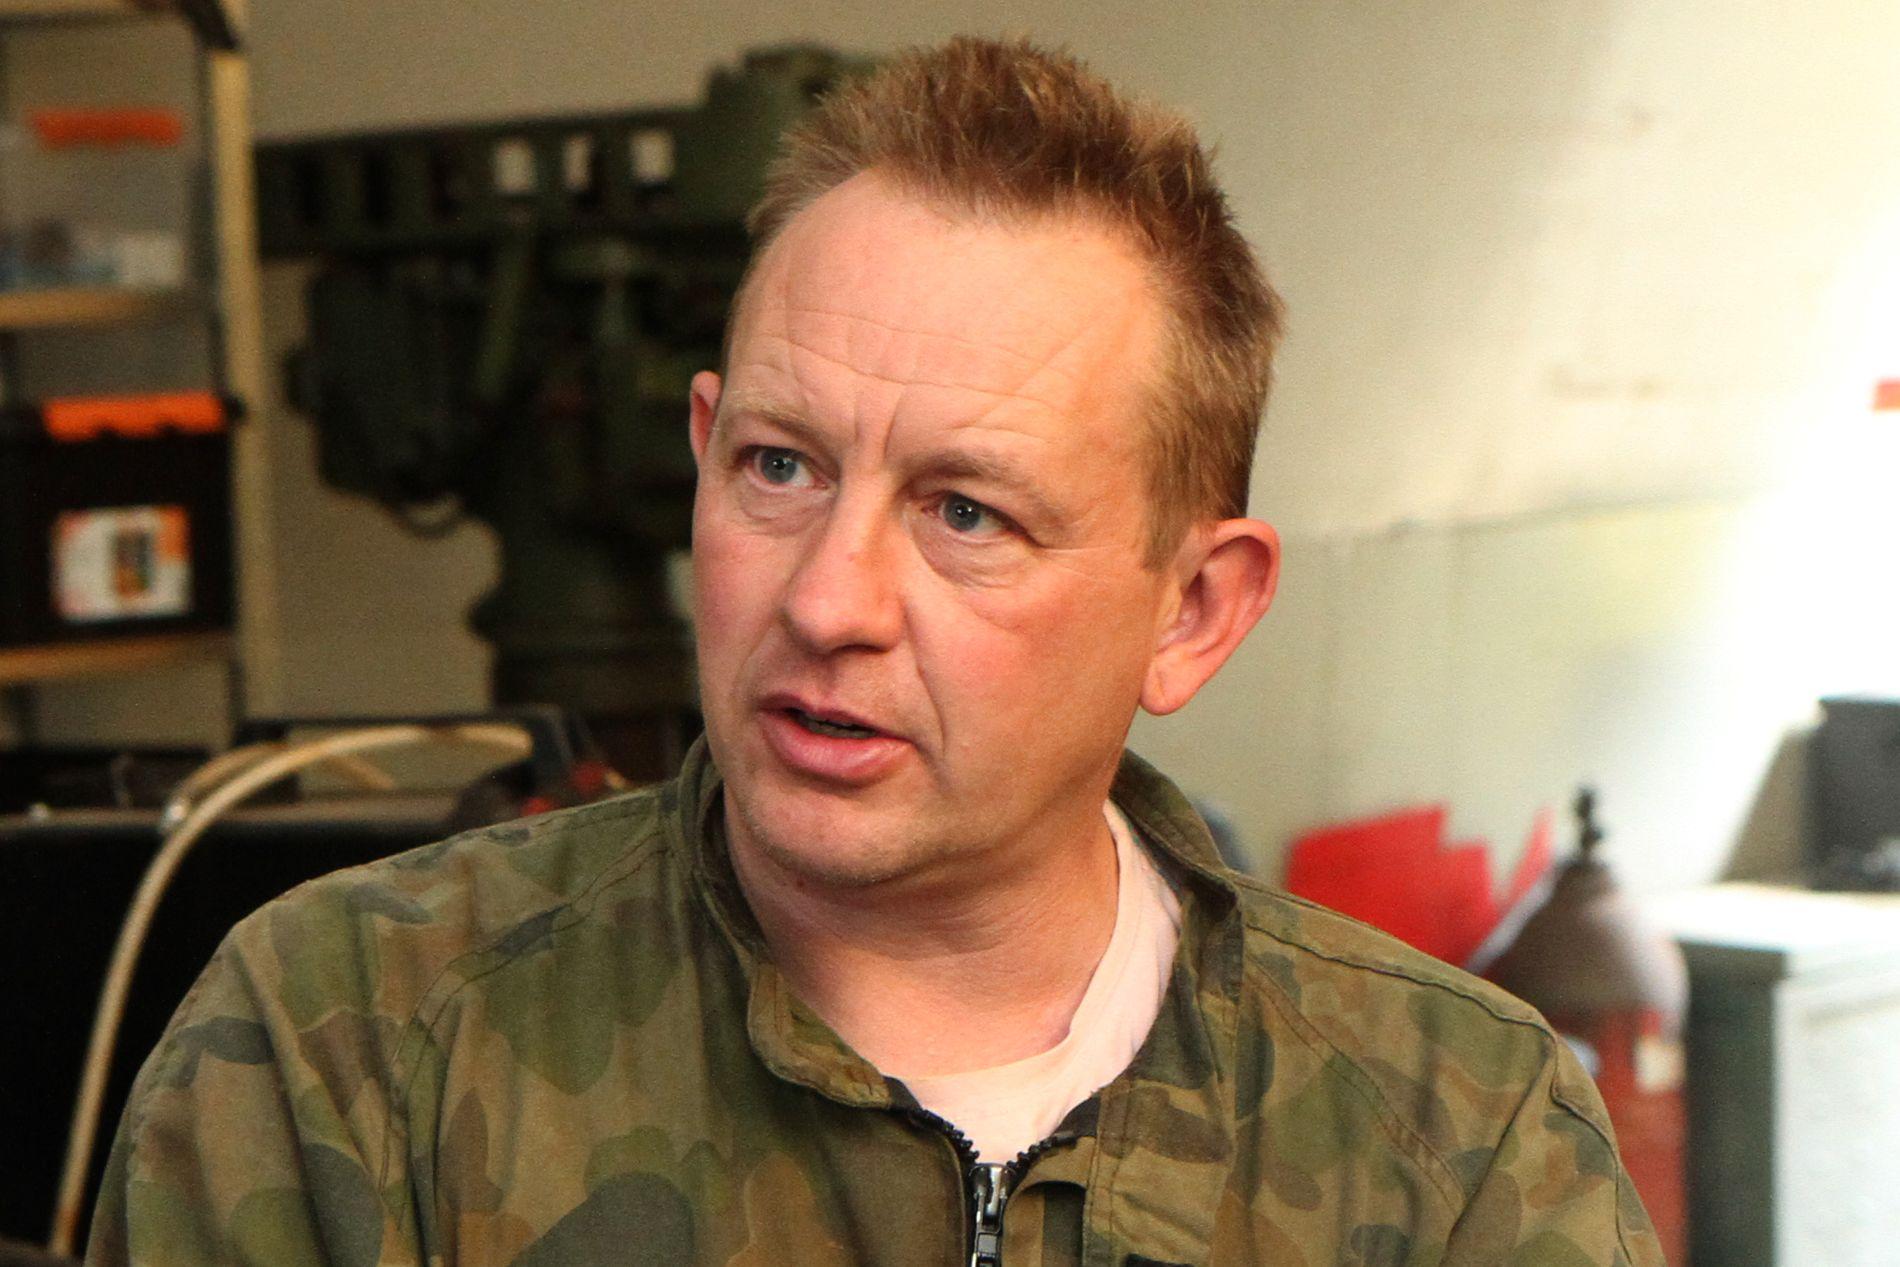 TILTALT: Påtalemyndigheten mener Peter Madsen (47) drepte, mishandlet og parterte den svenske journalisten Kim Wall (30) i august i fjor.